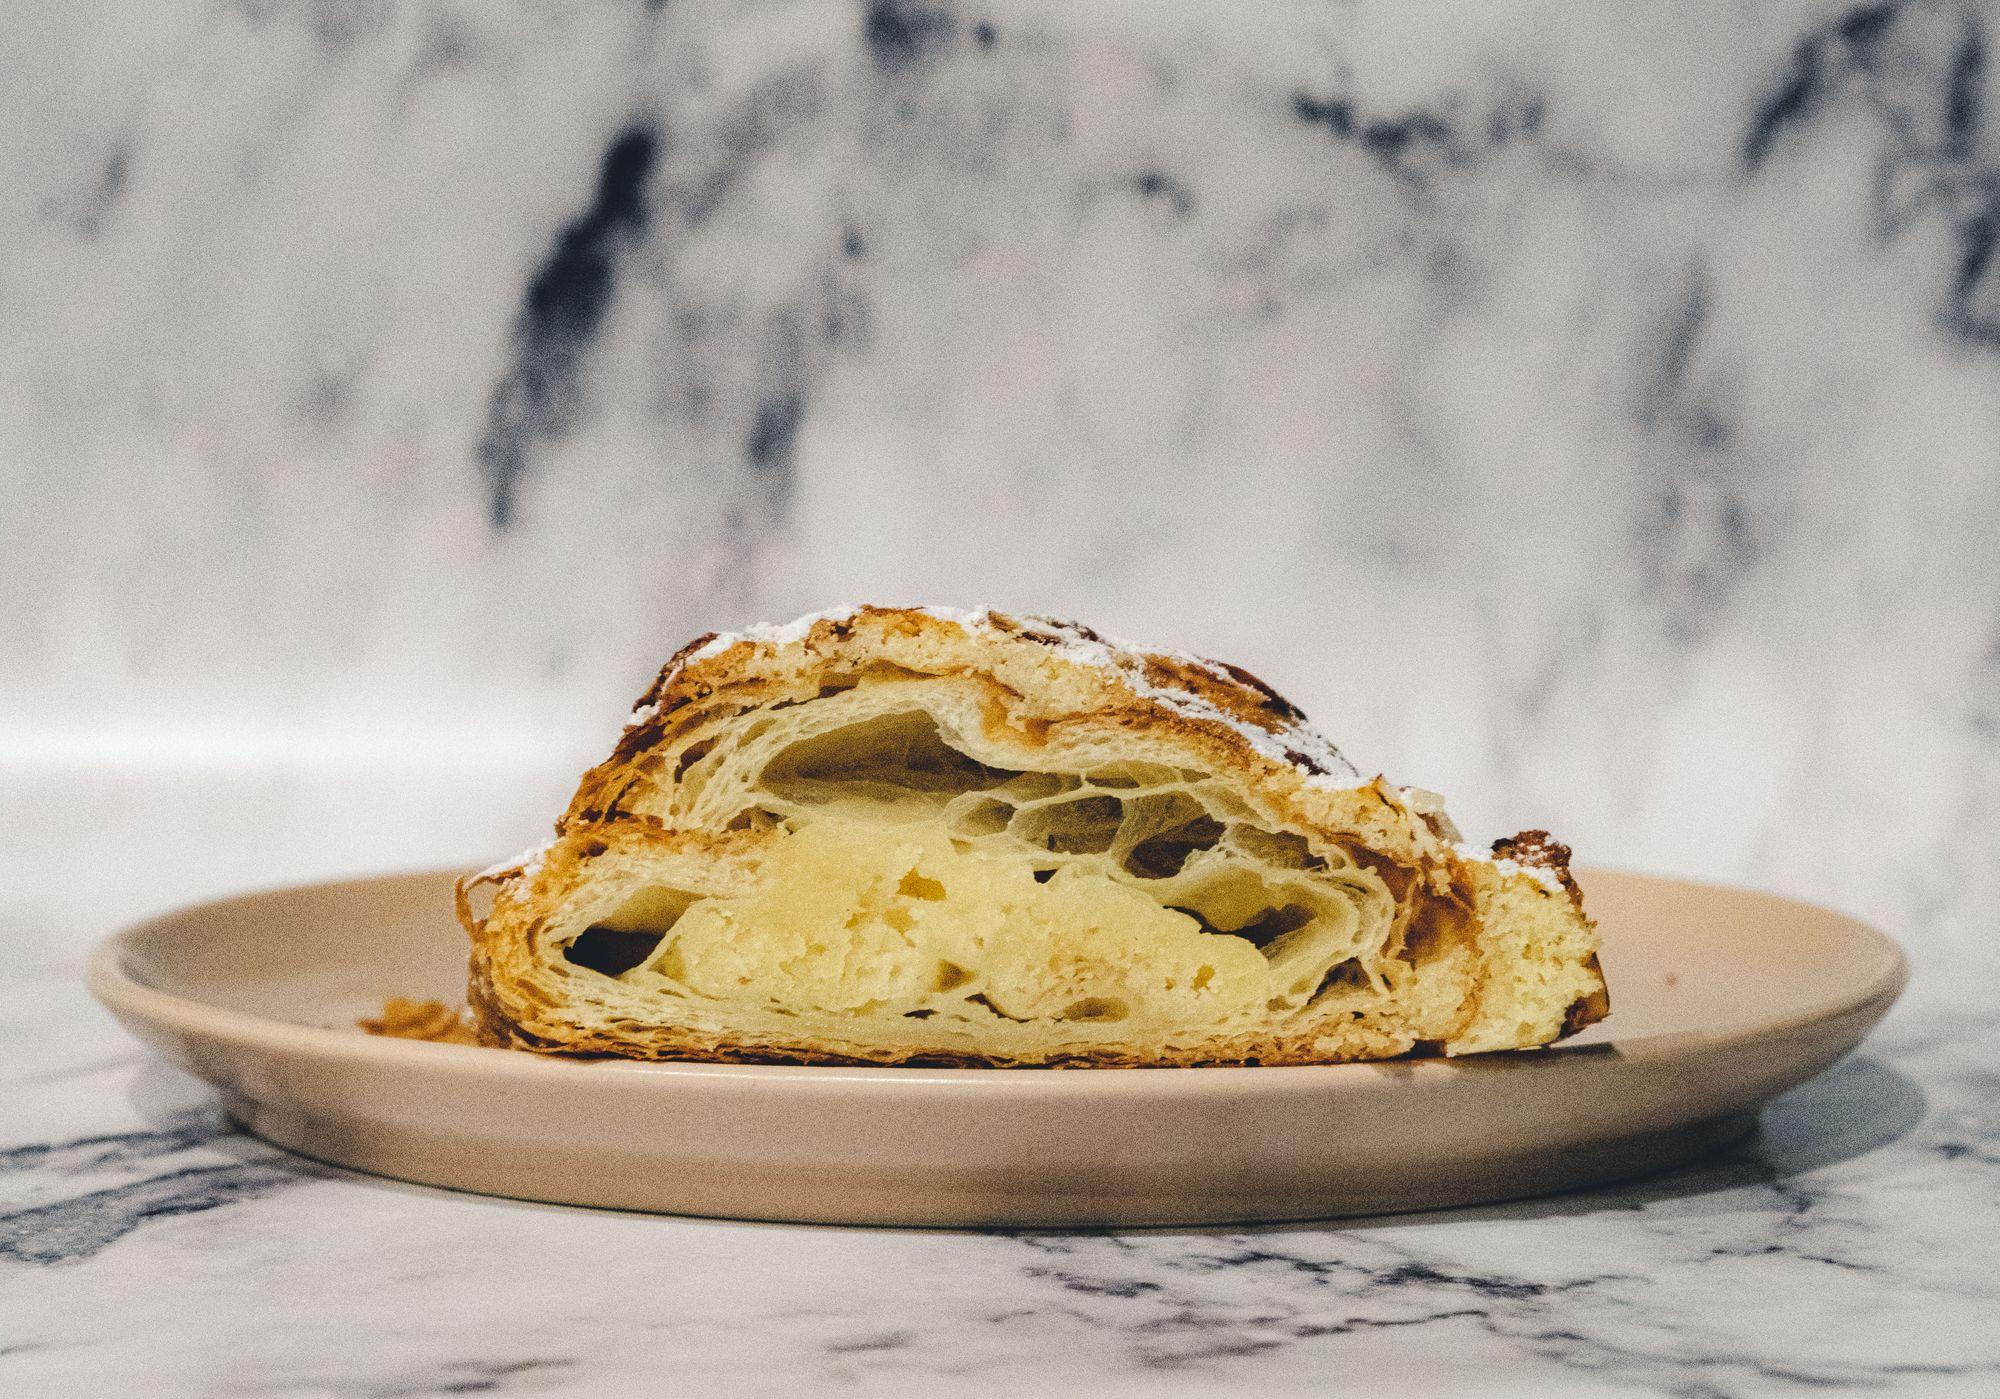 La Forêt Almond Croissant ($4.75) - Cross Section